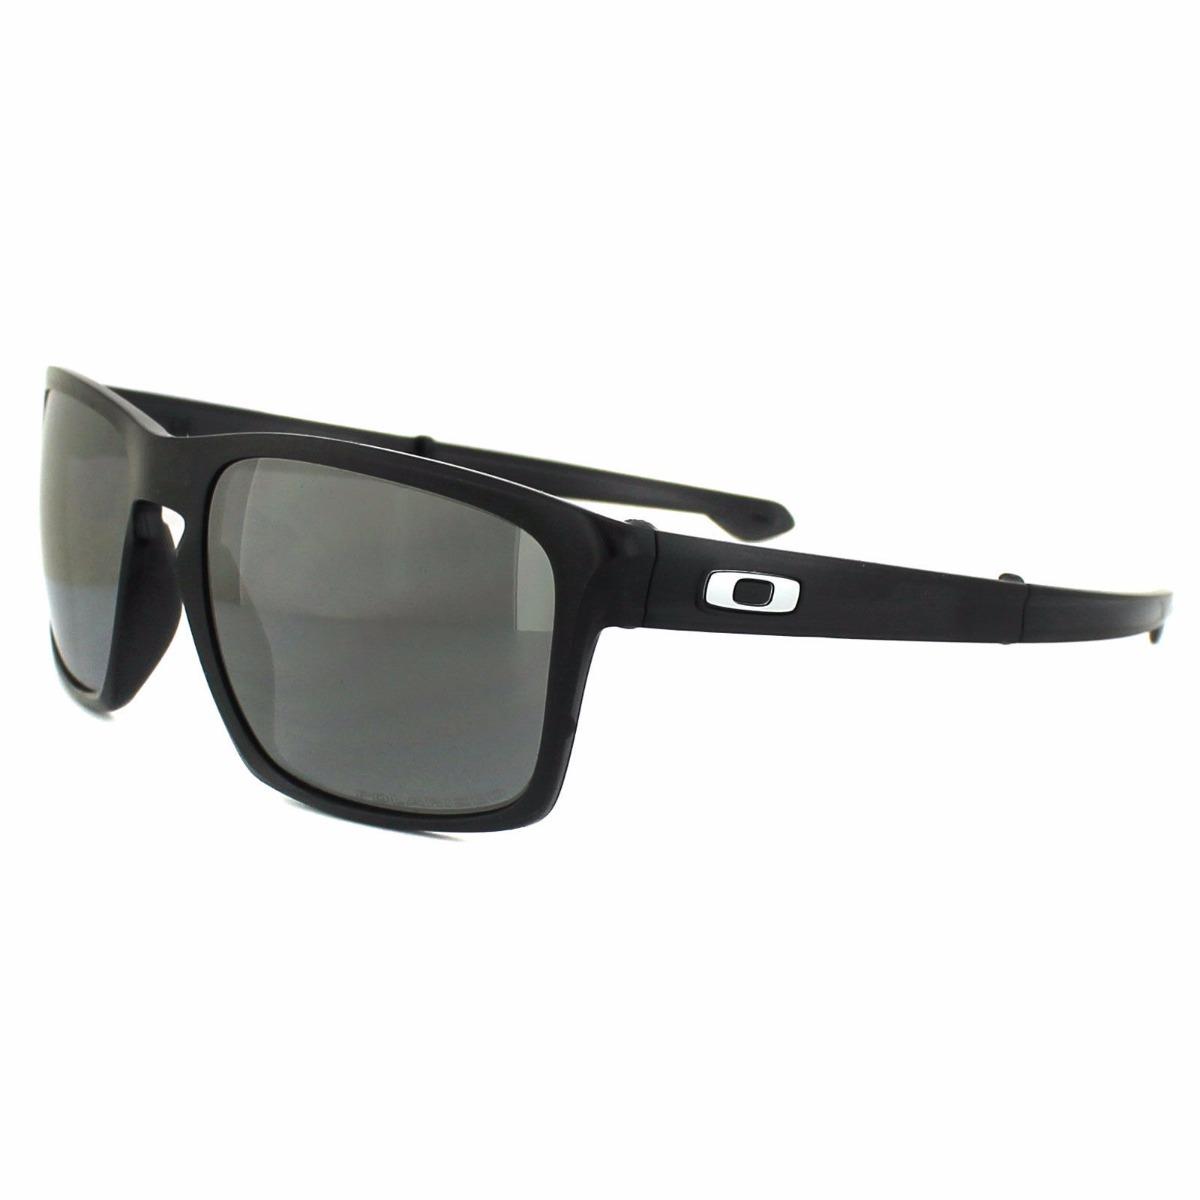 2206d56333787 Óculos De Sol Oakley Fractius Preto - Original - R  319,00 em ...